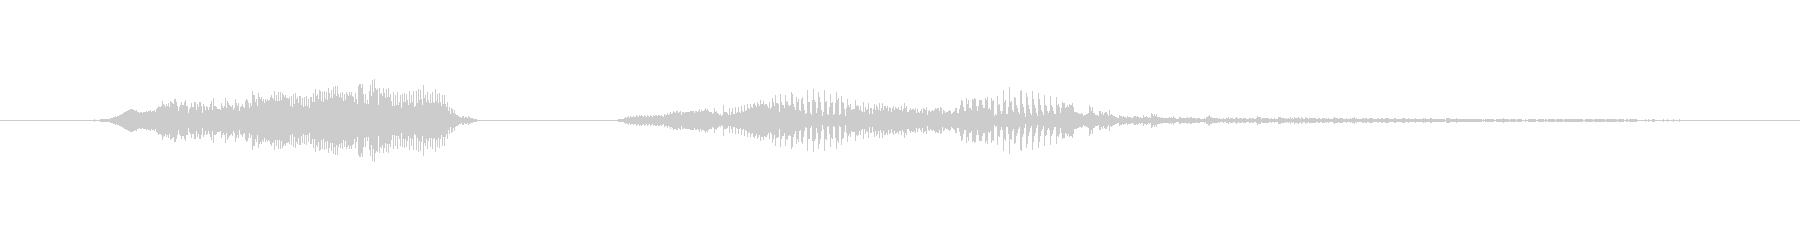 鳴き声 男性のうめき痛いダブル01の未再生の波形